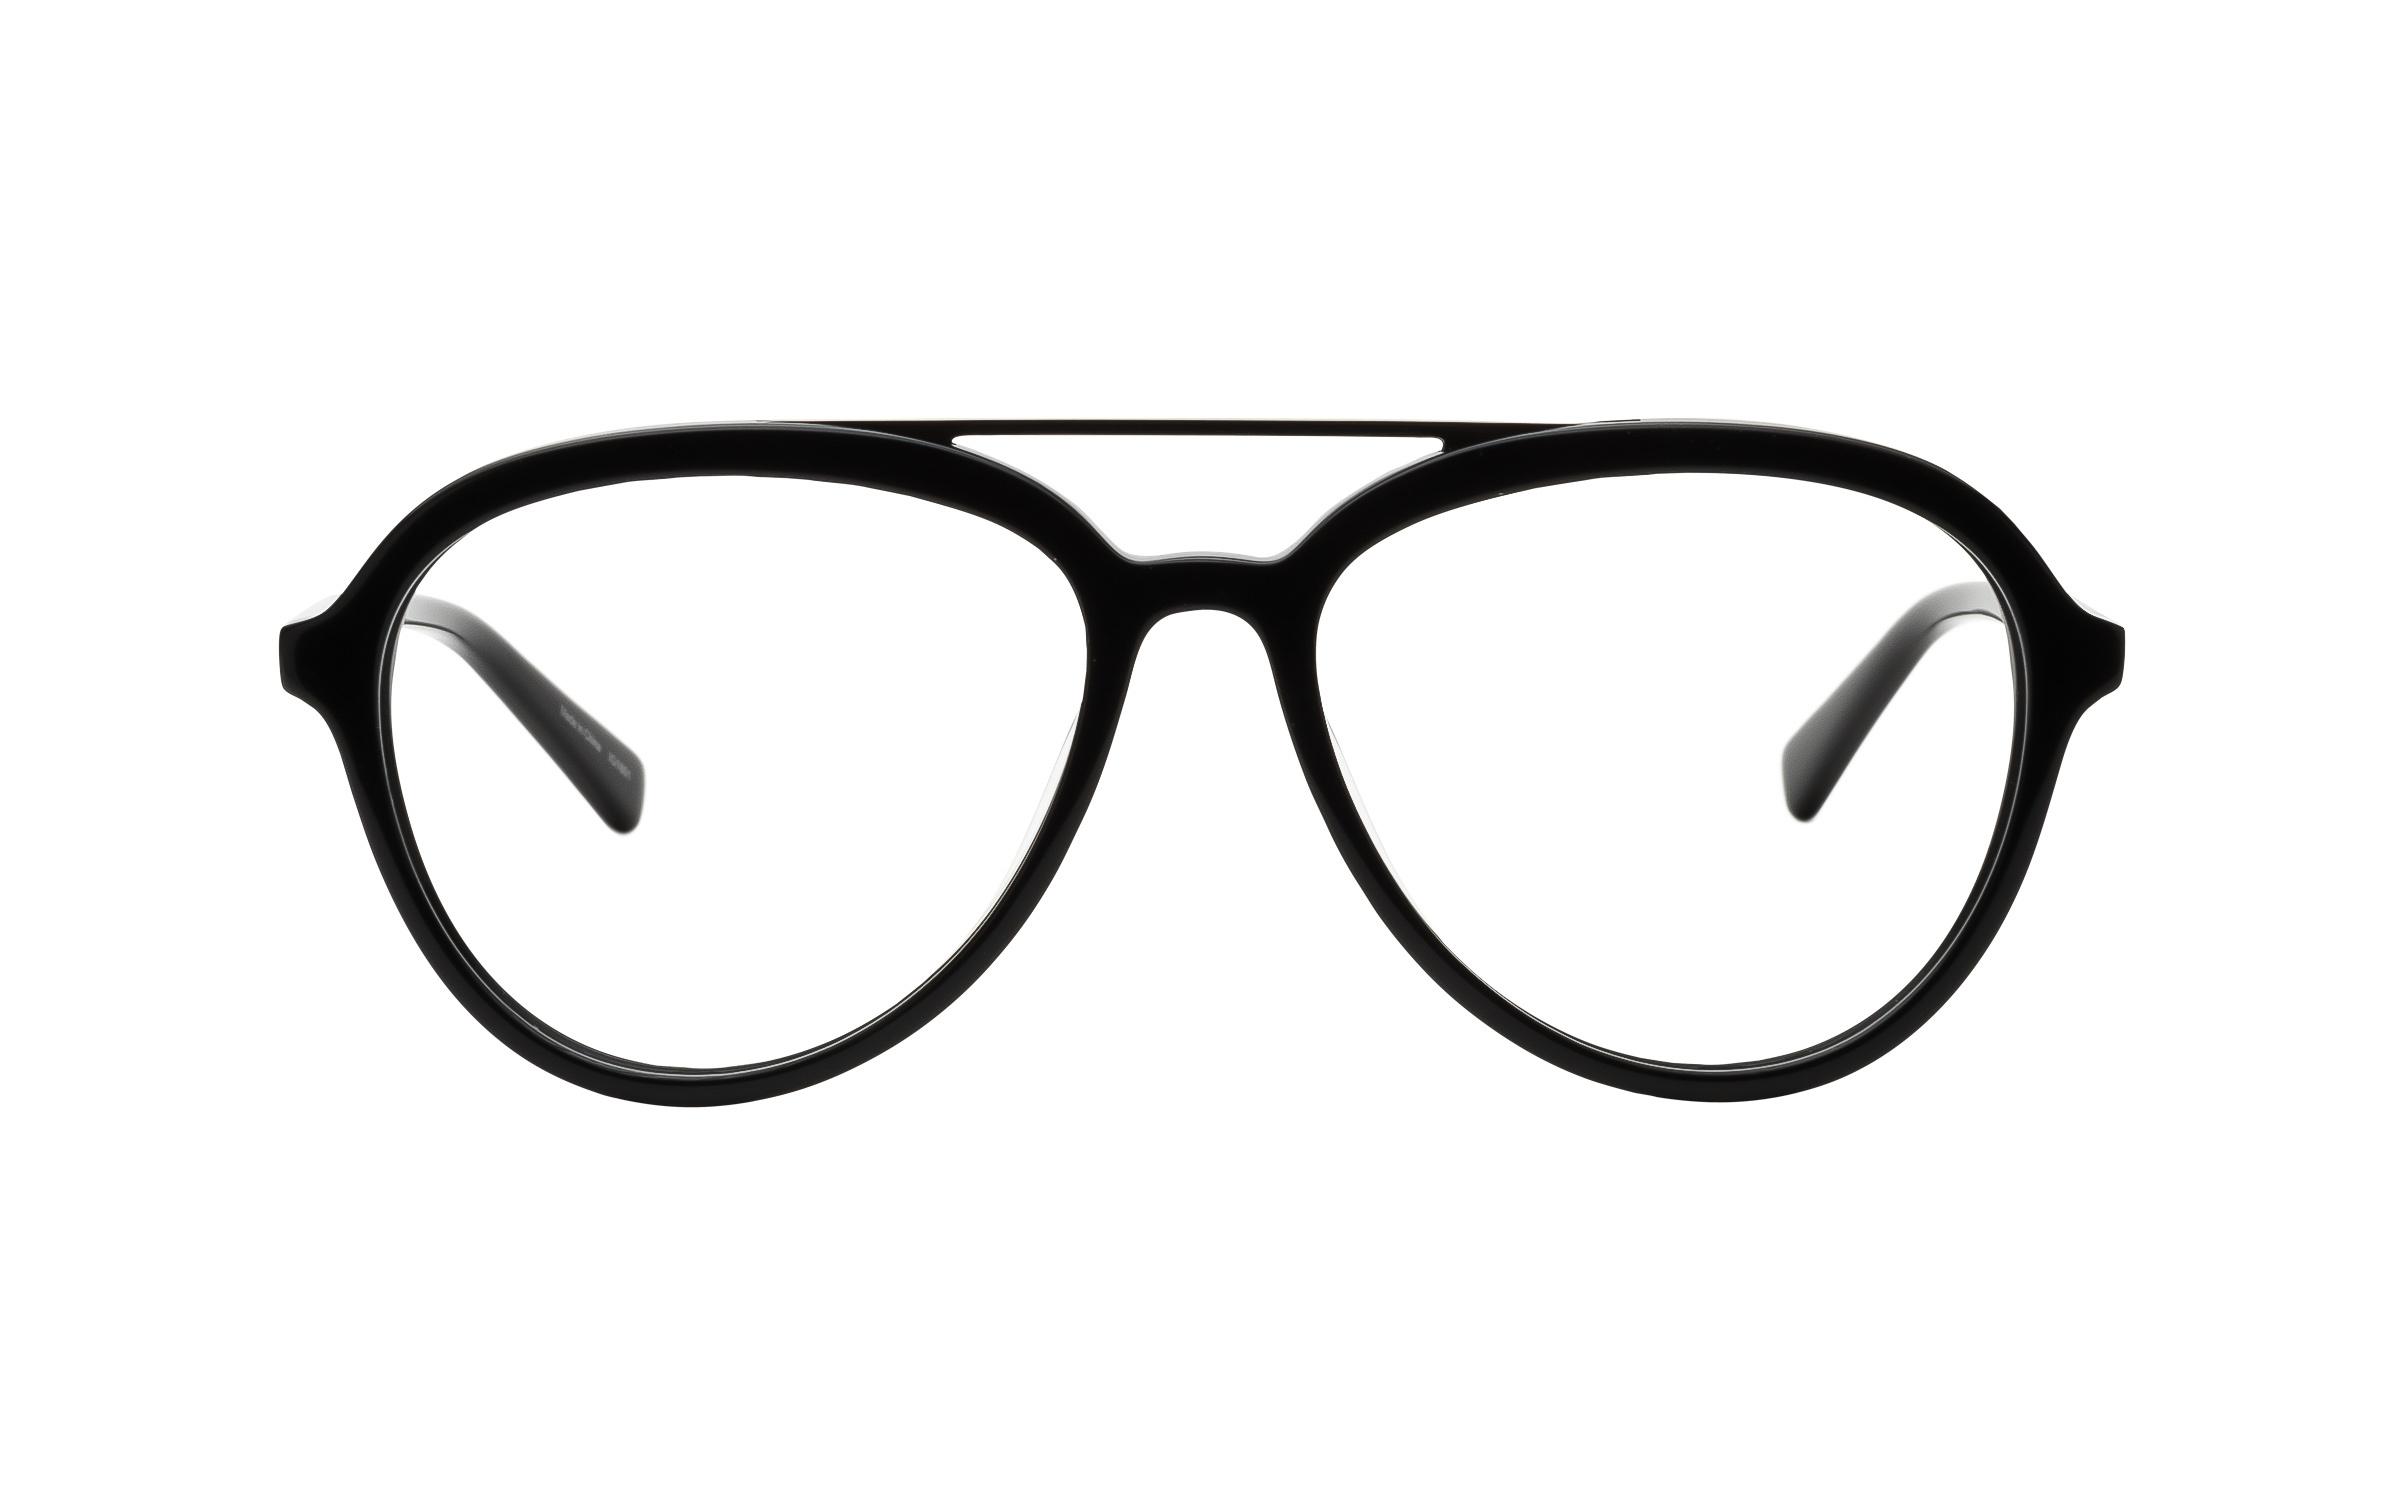 Derek Cardigan Glasses Vintage Black Acetate/Metal Online Clearly